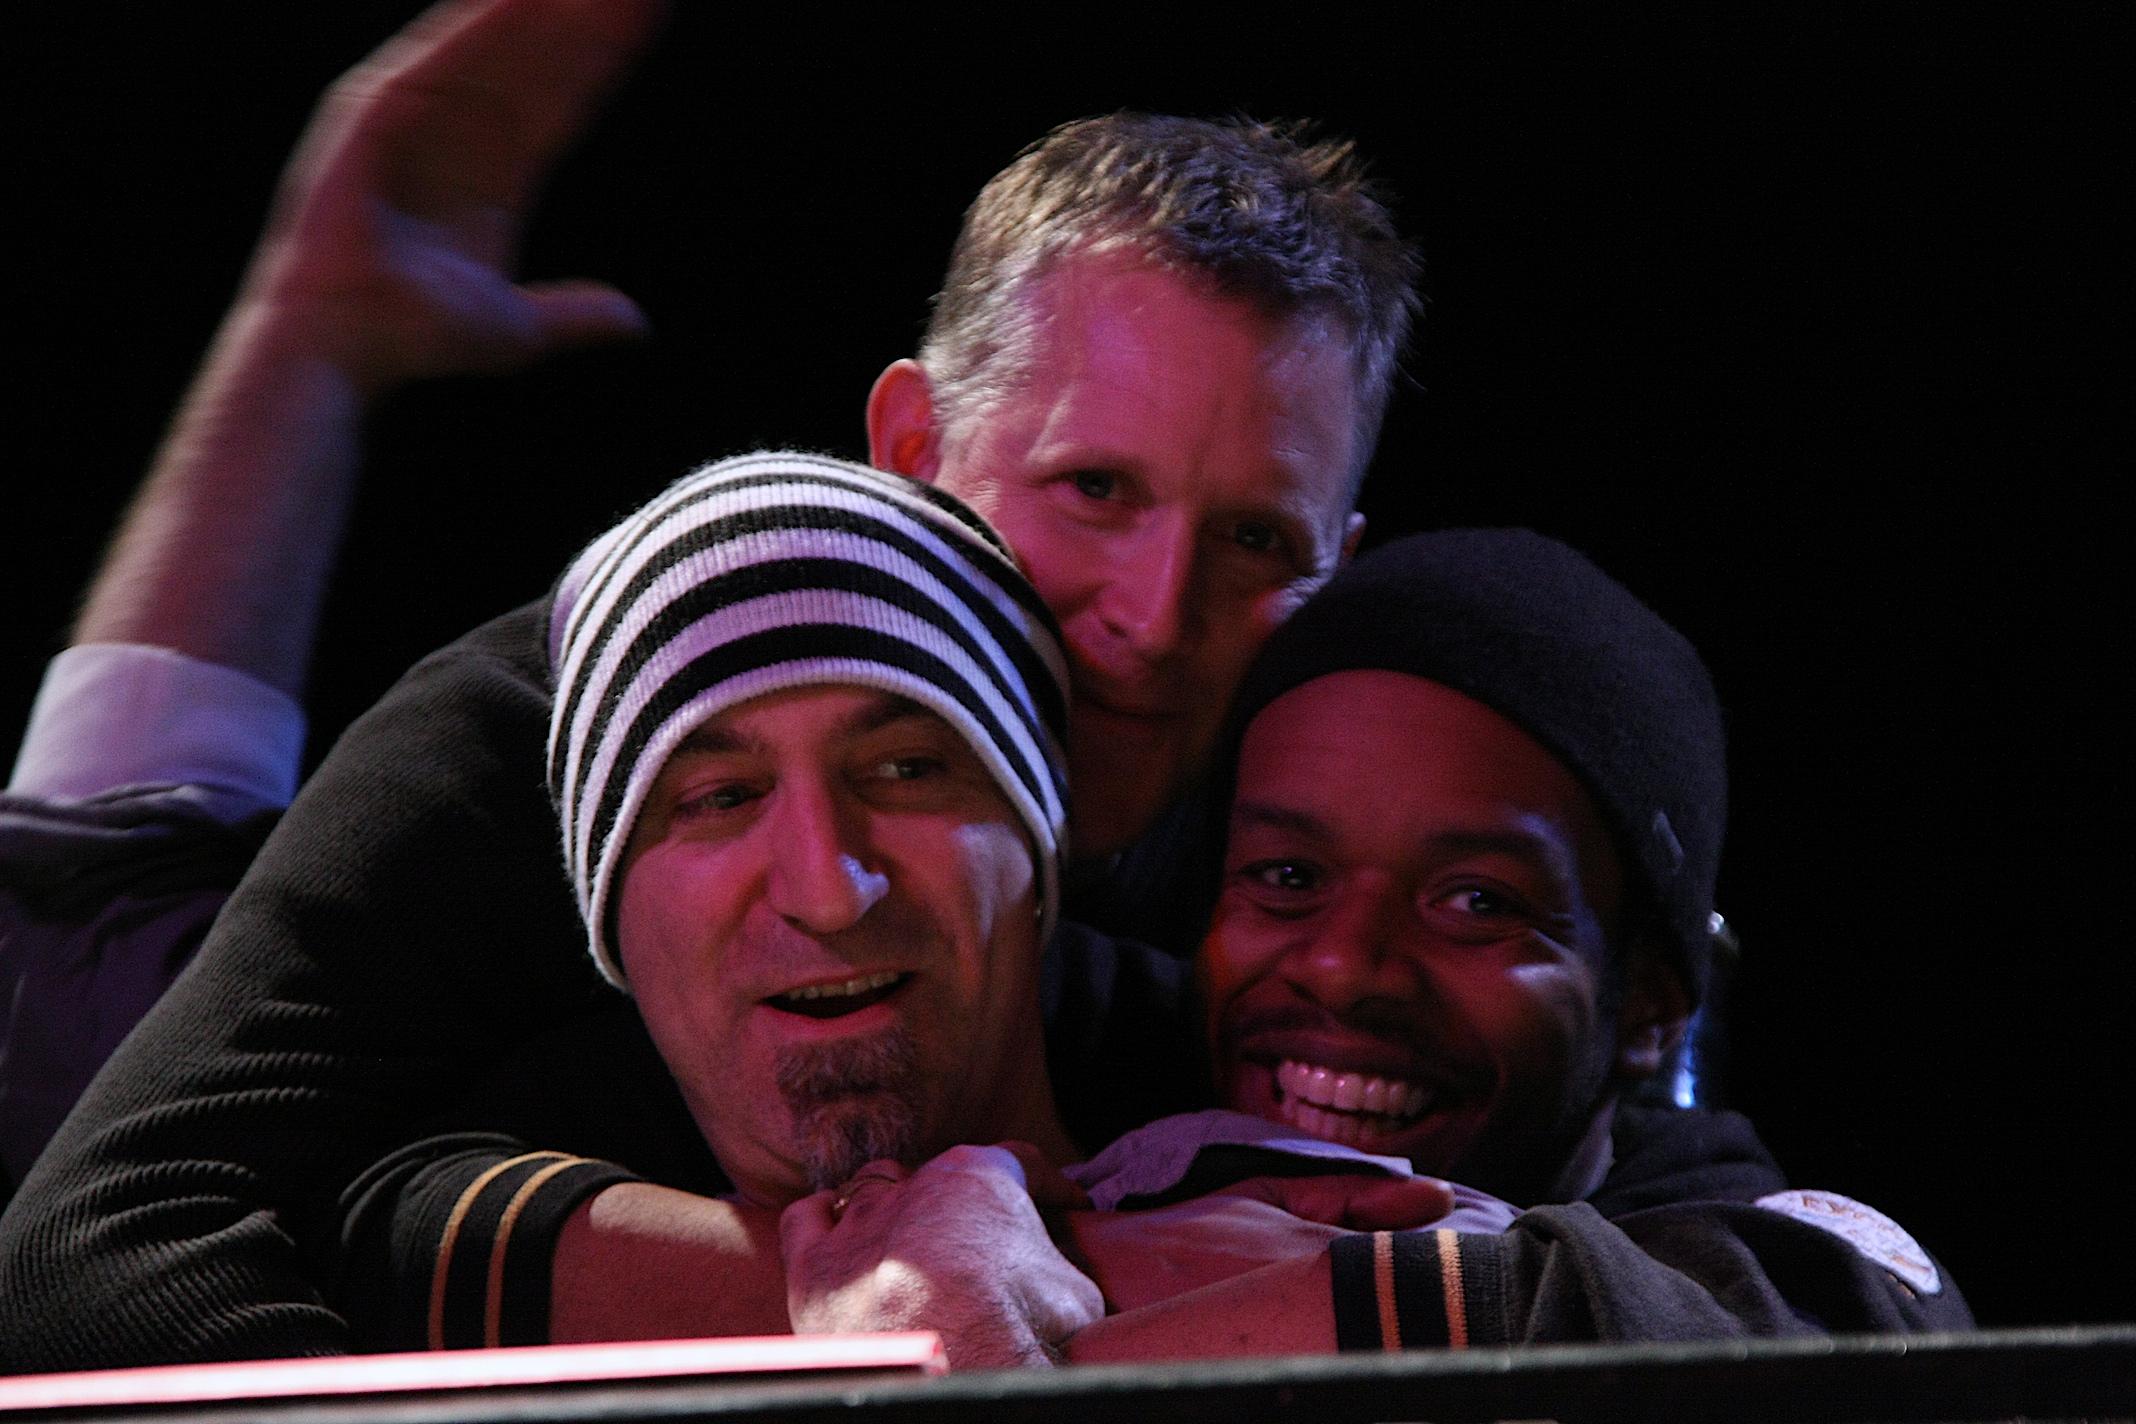 Steve Amirault, Mike Downes, Rich Brown